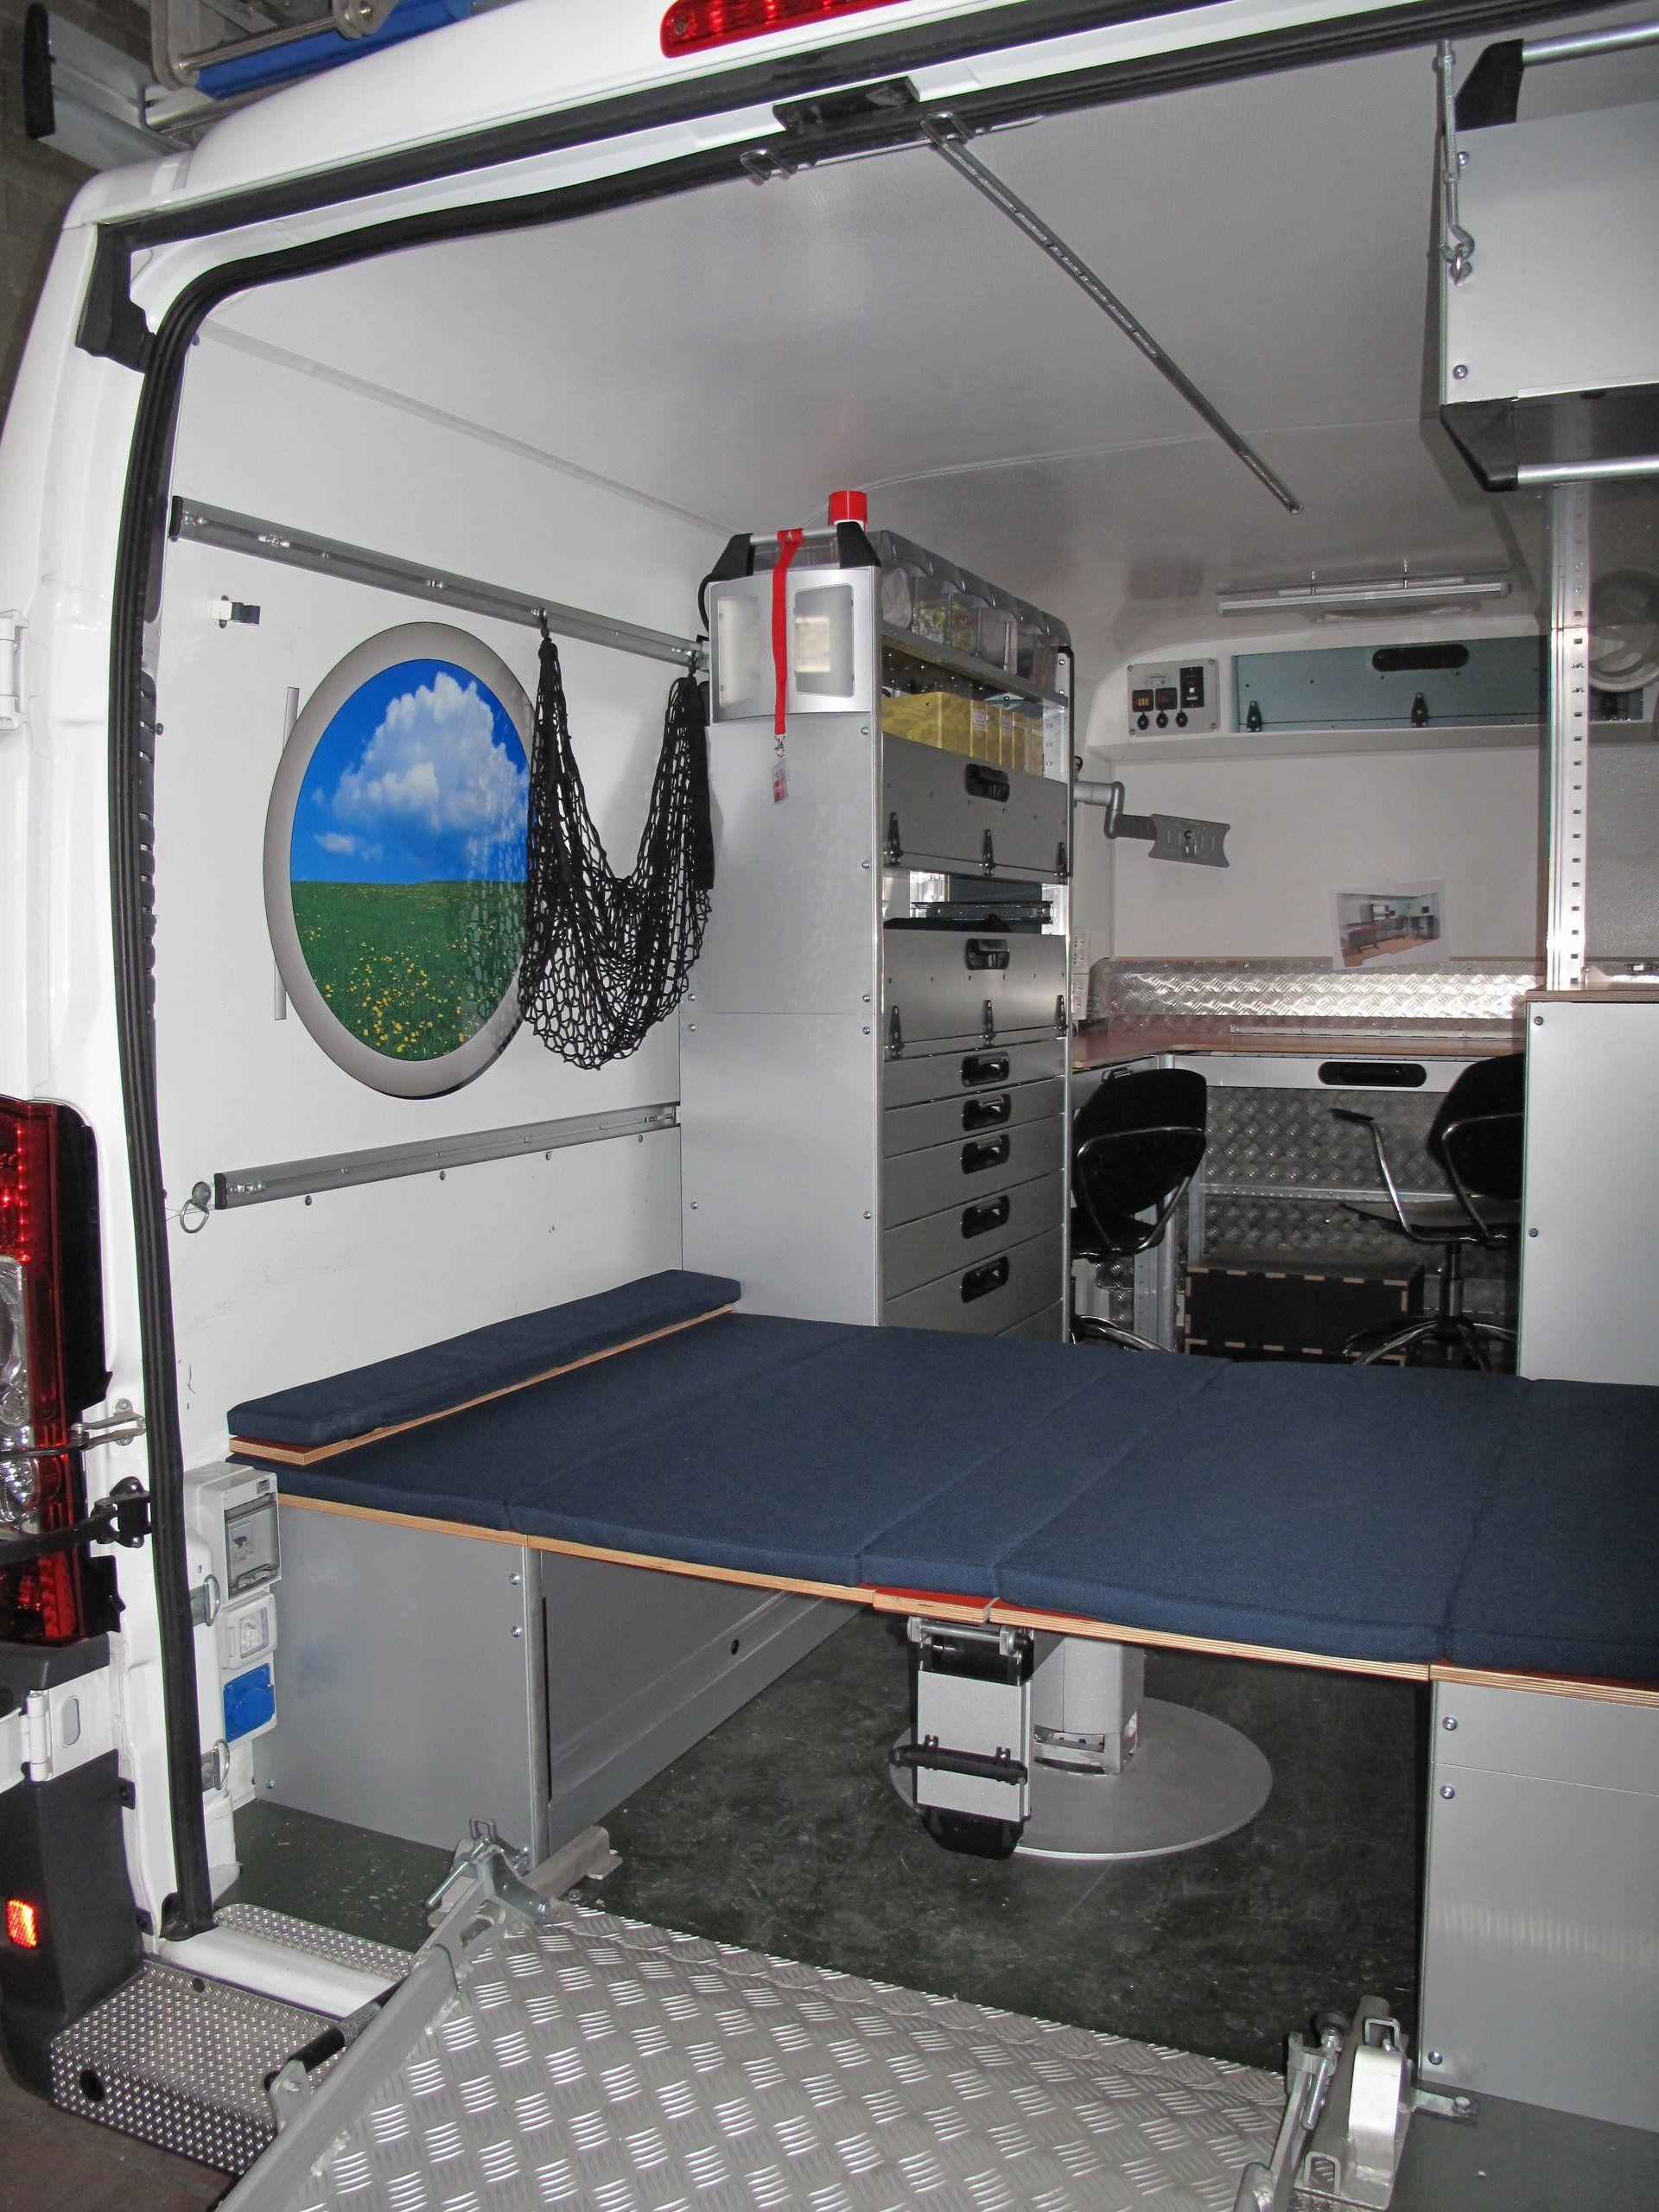 Uffici su furgoni   Pogliano Milanese, MI   Carrozzeria ...